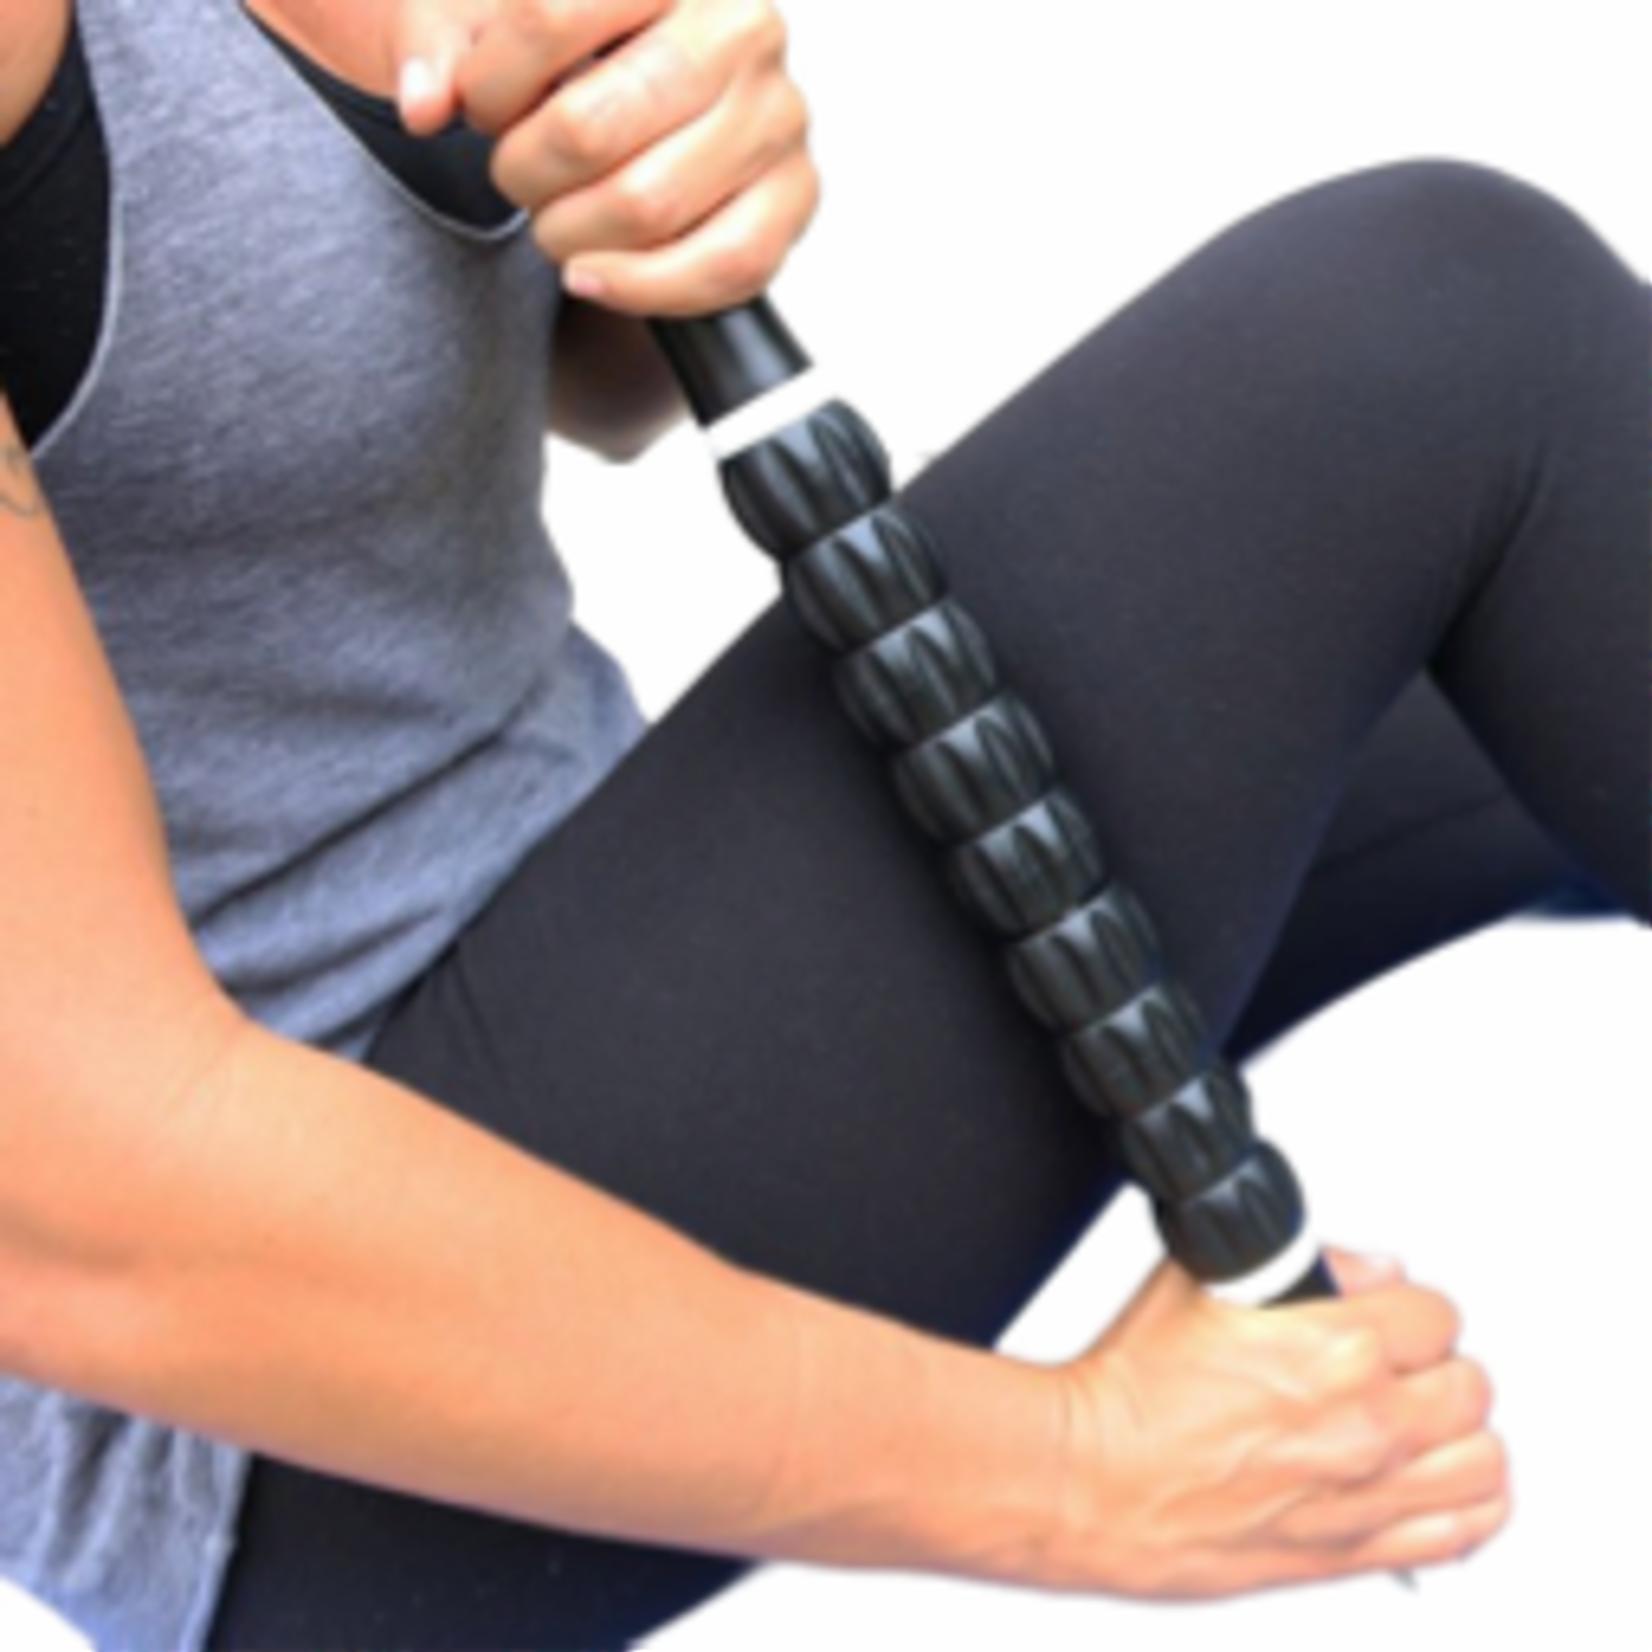 Superior Stretch Superior Stretch Muscle Roller Stick